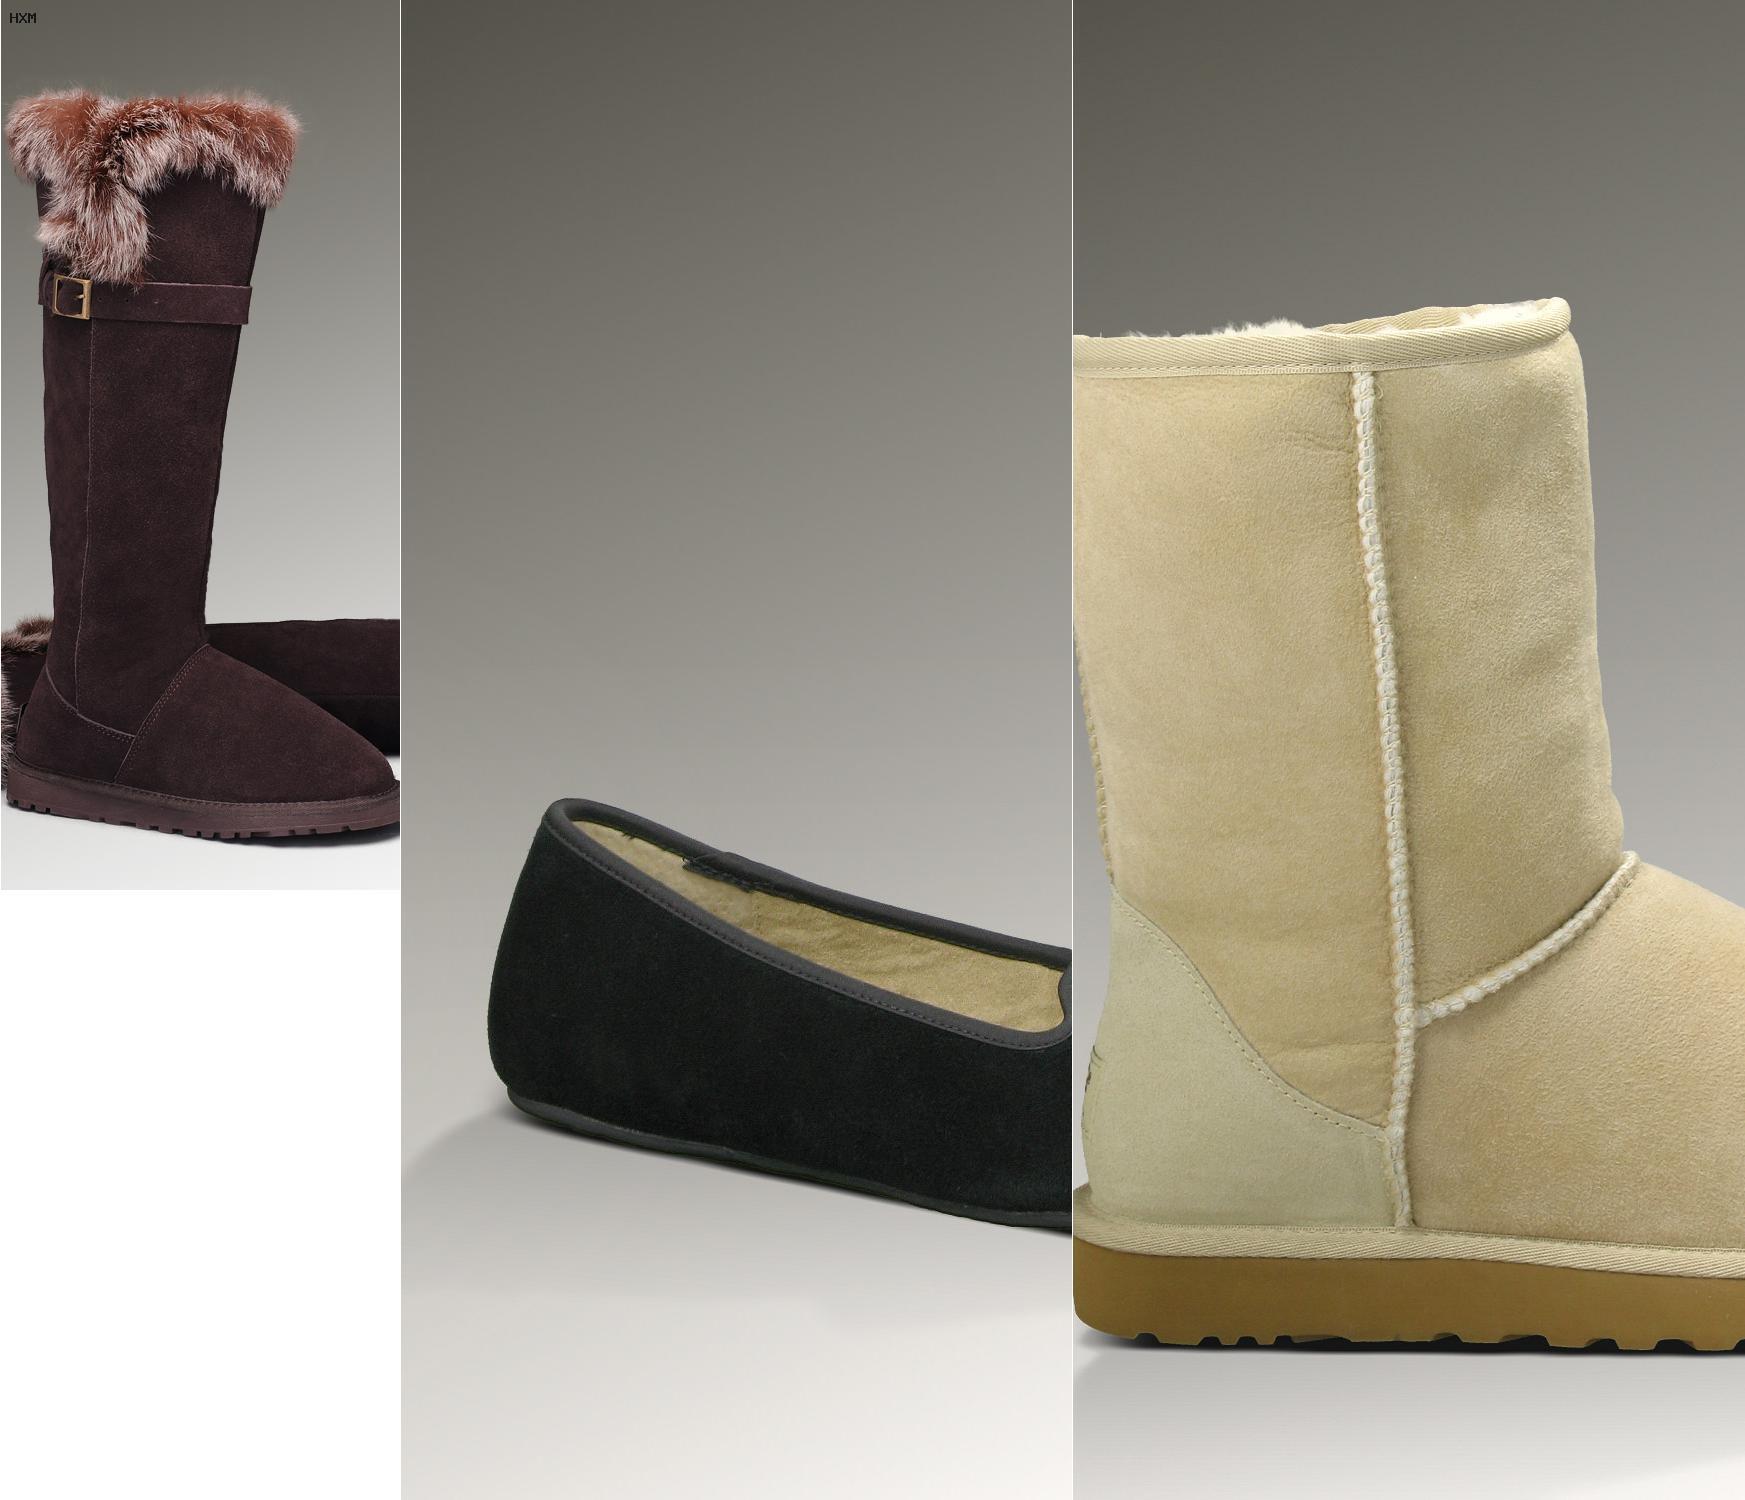 modelos botas ugg